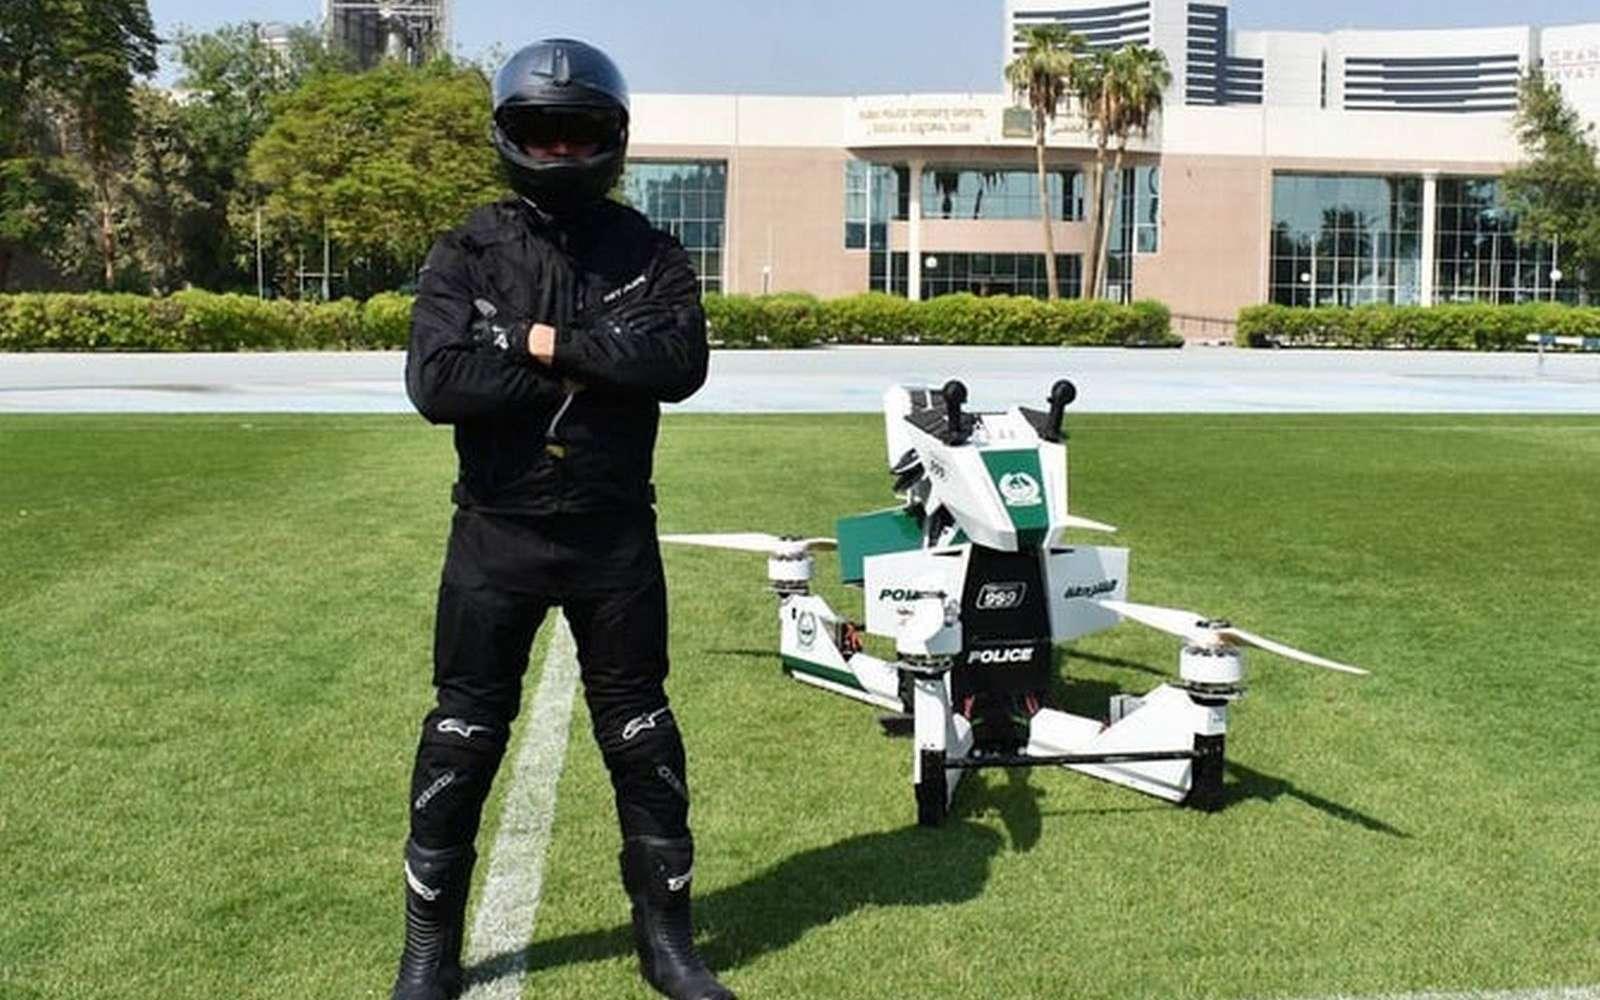 La moto volante présentée à Dubaï est en fait un appareil développé par la société russe Hoversurf qui l'a dévoilé en février dernier. © Hoversurf